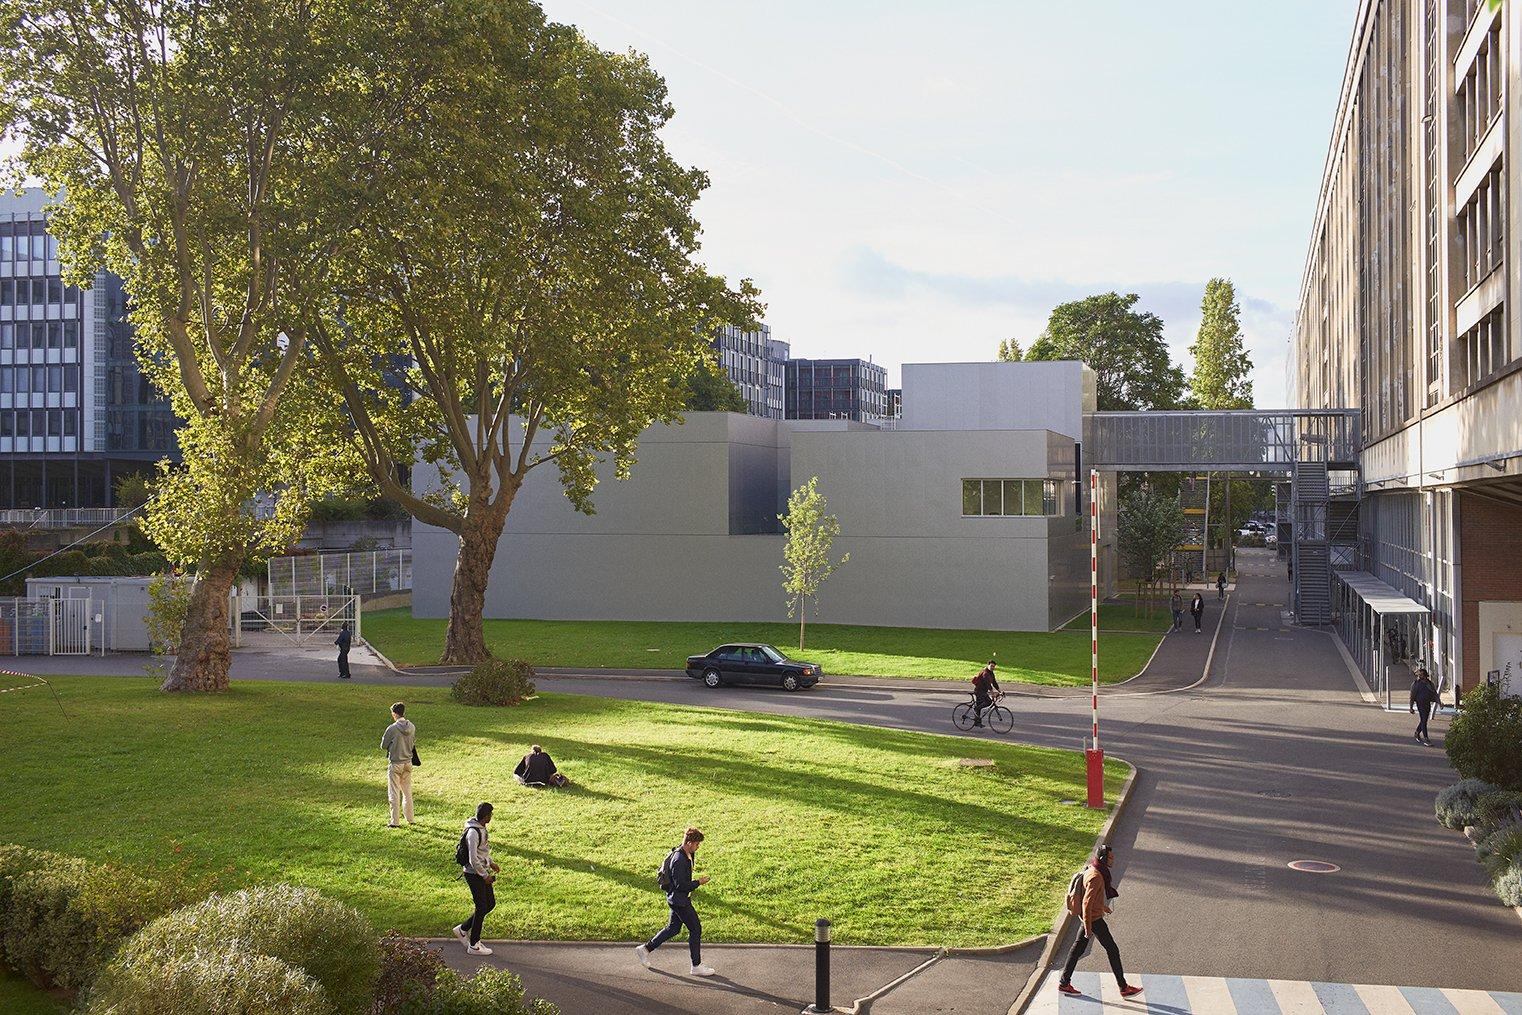 https://www.transform-architecture.com/wp-content/uploads/2020/12/TRANSFORM-Centre-exploration-fonctionnelle-Jussieu-17.jpg